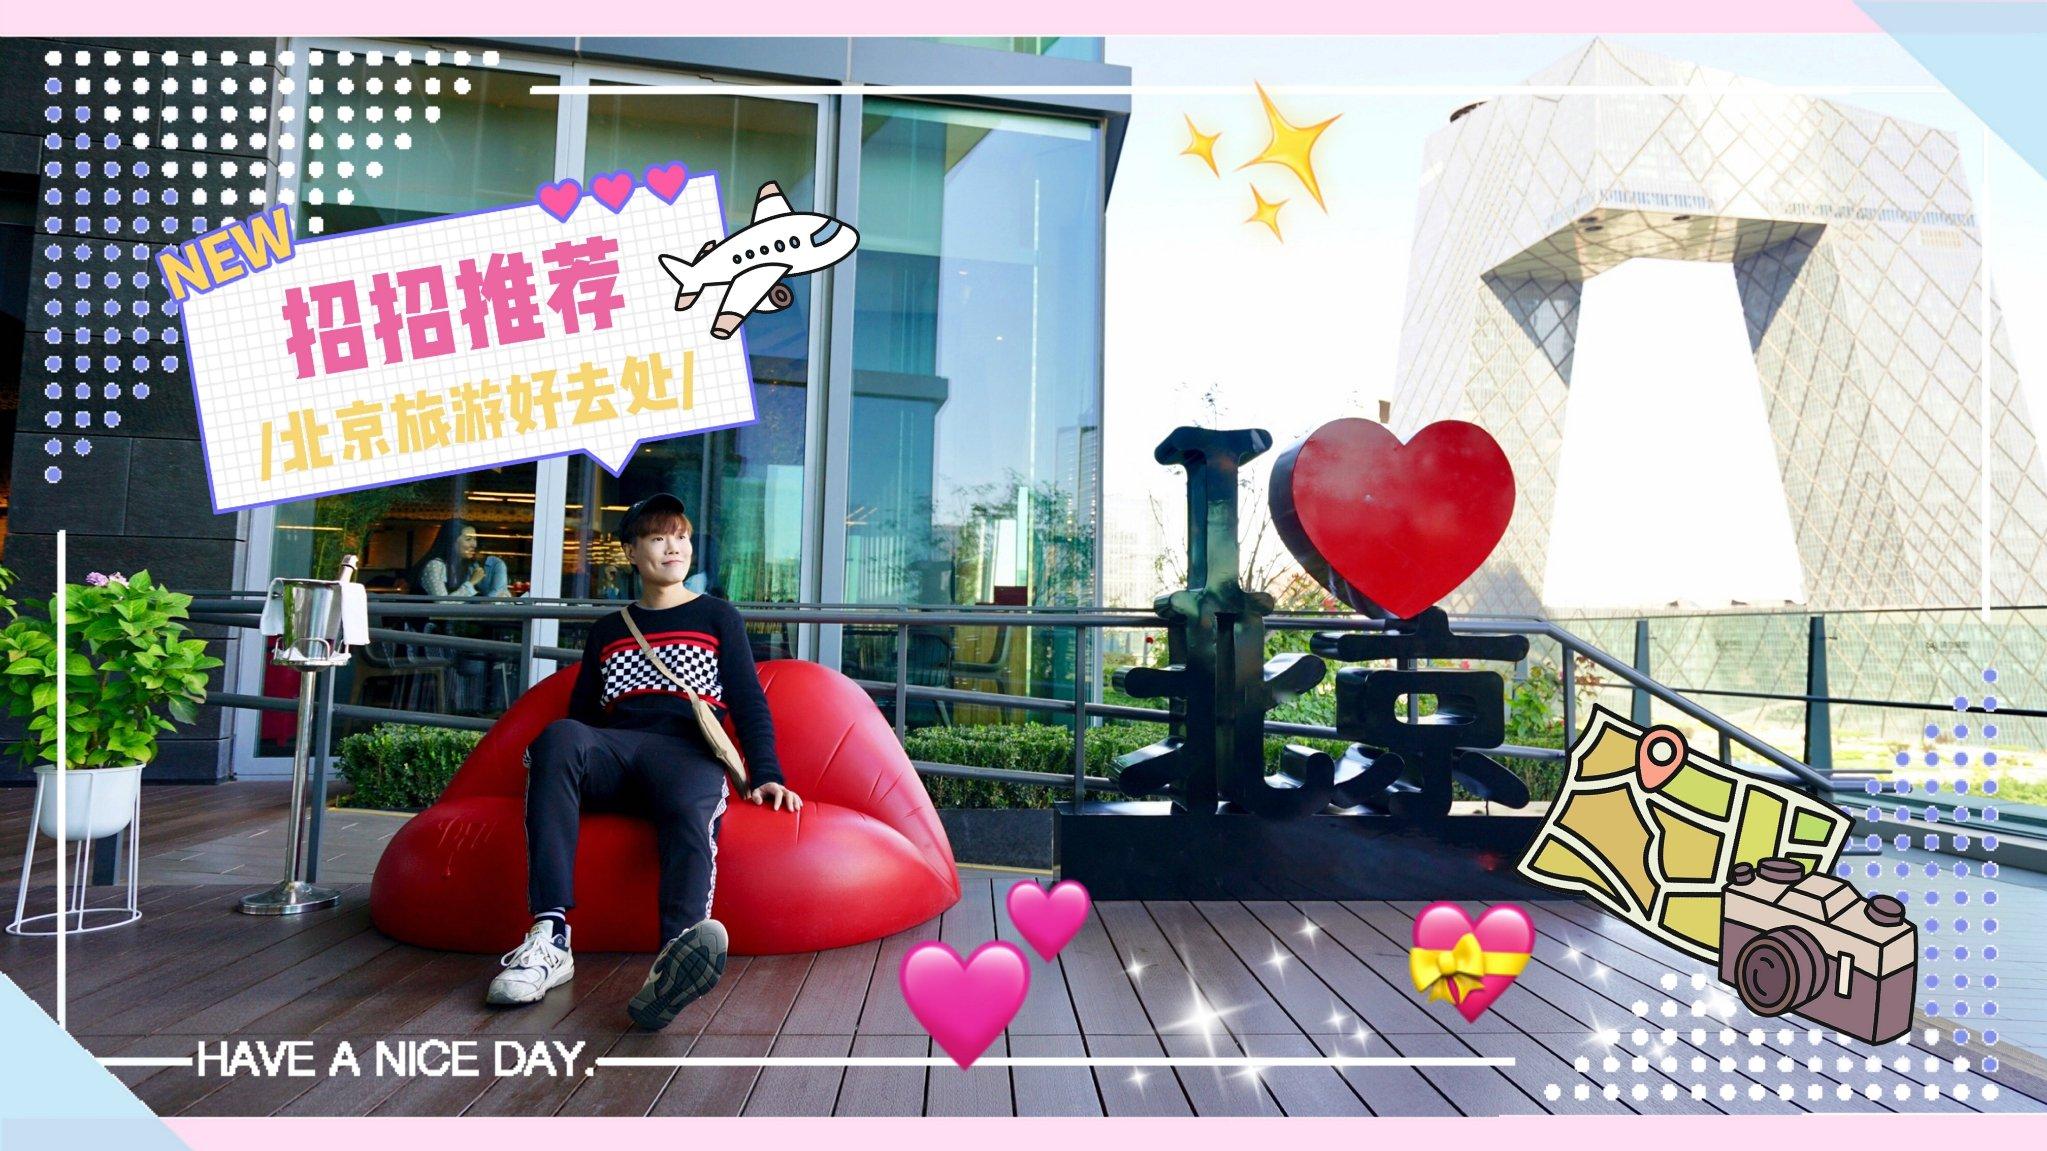 只有三天假期 怎样玩转首都北京?!